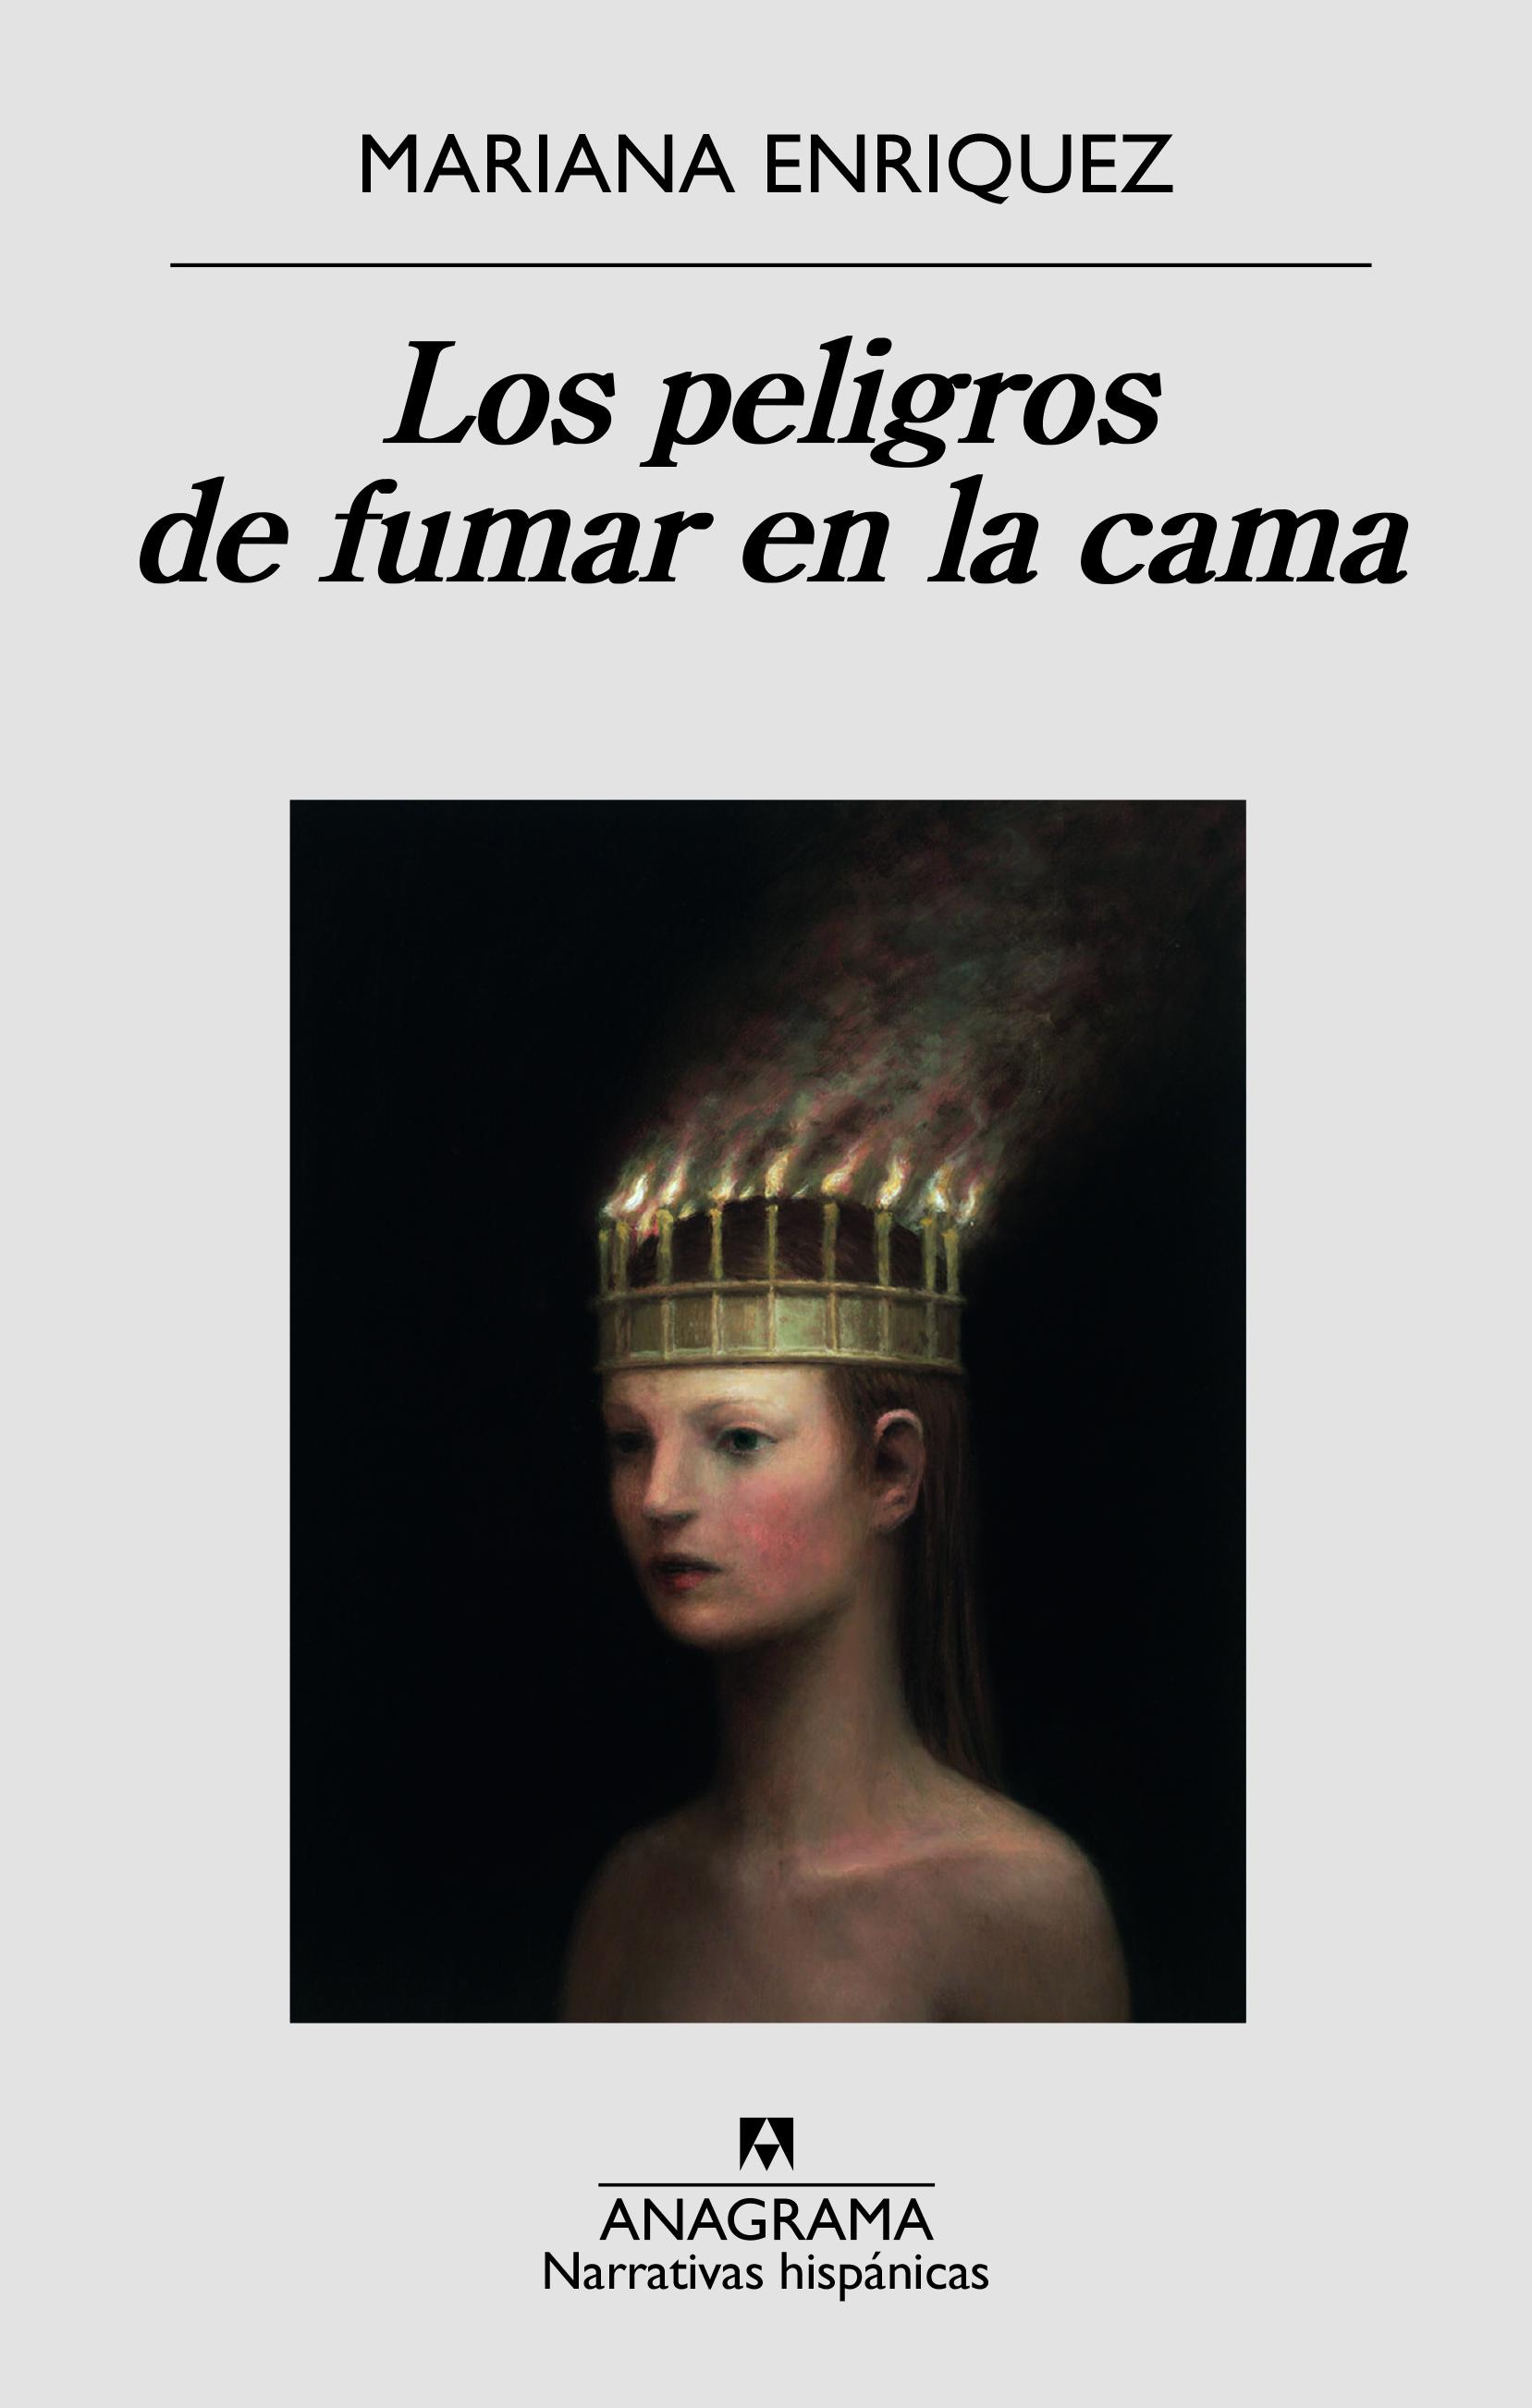 84 Fumar Cama 339 978 De Peligros Los EnriquezMariana En La VpSUMz